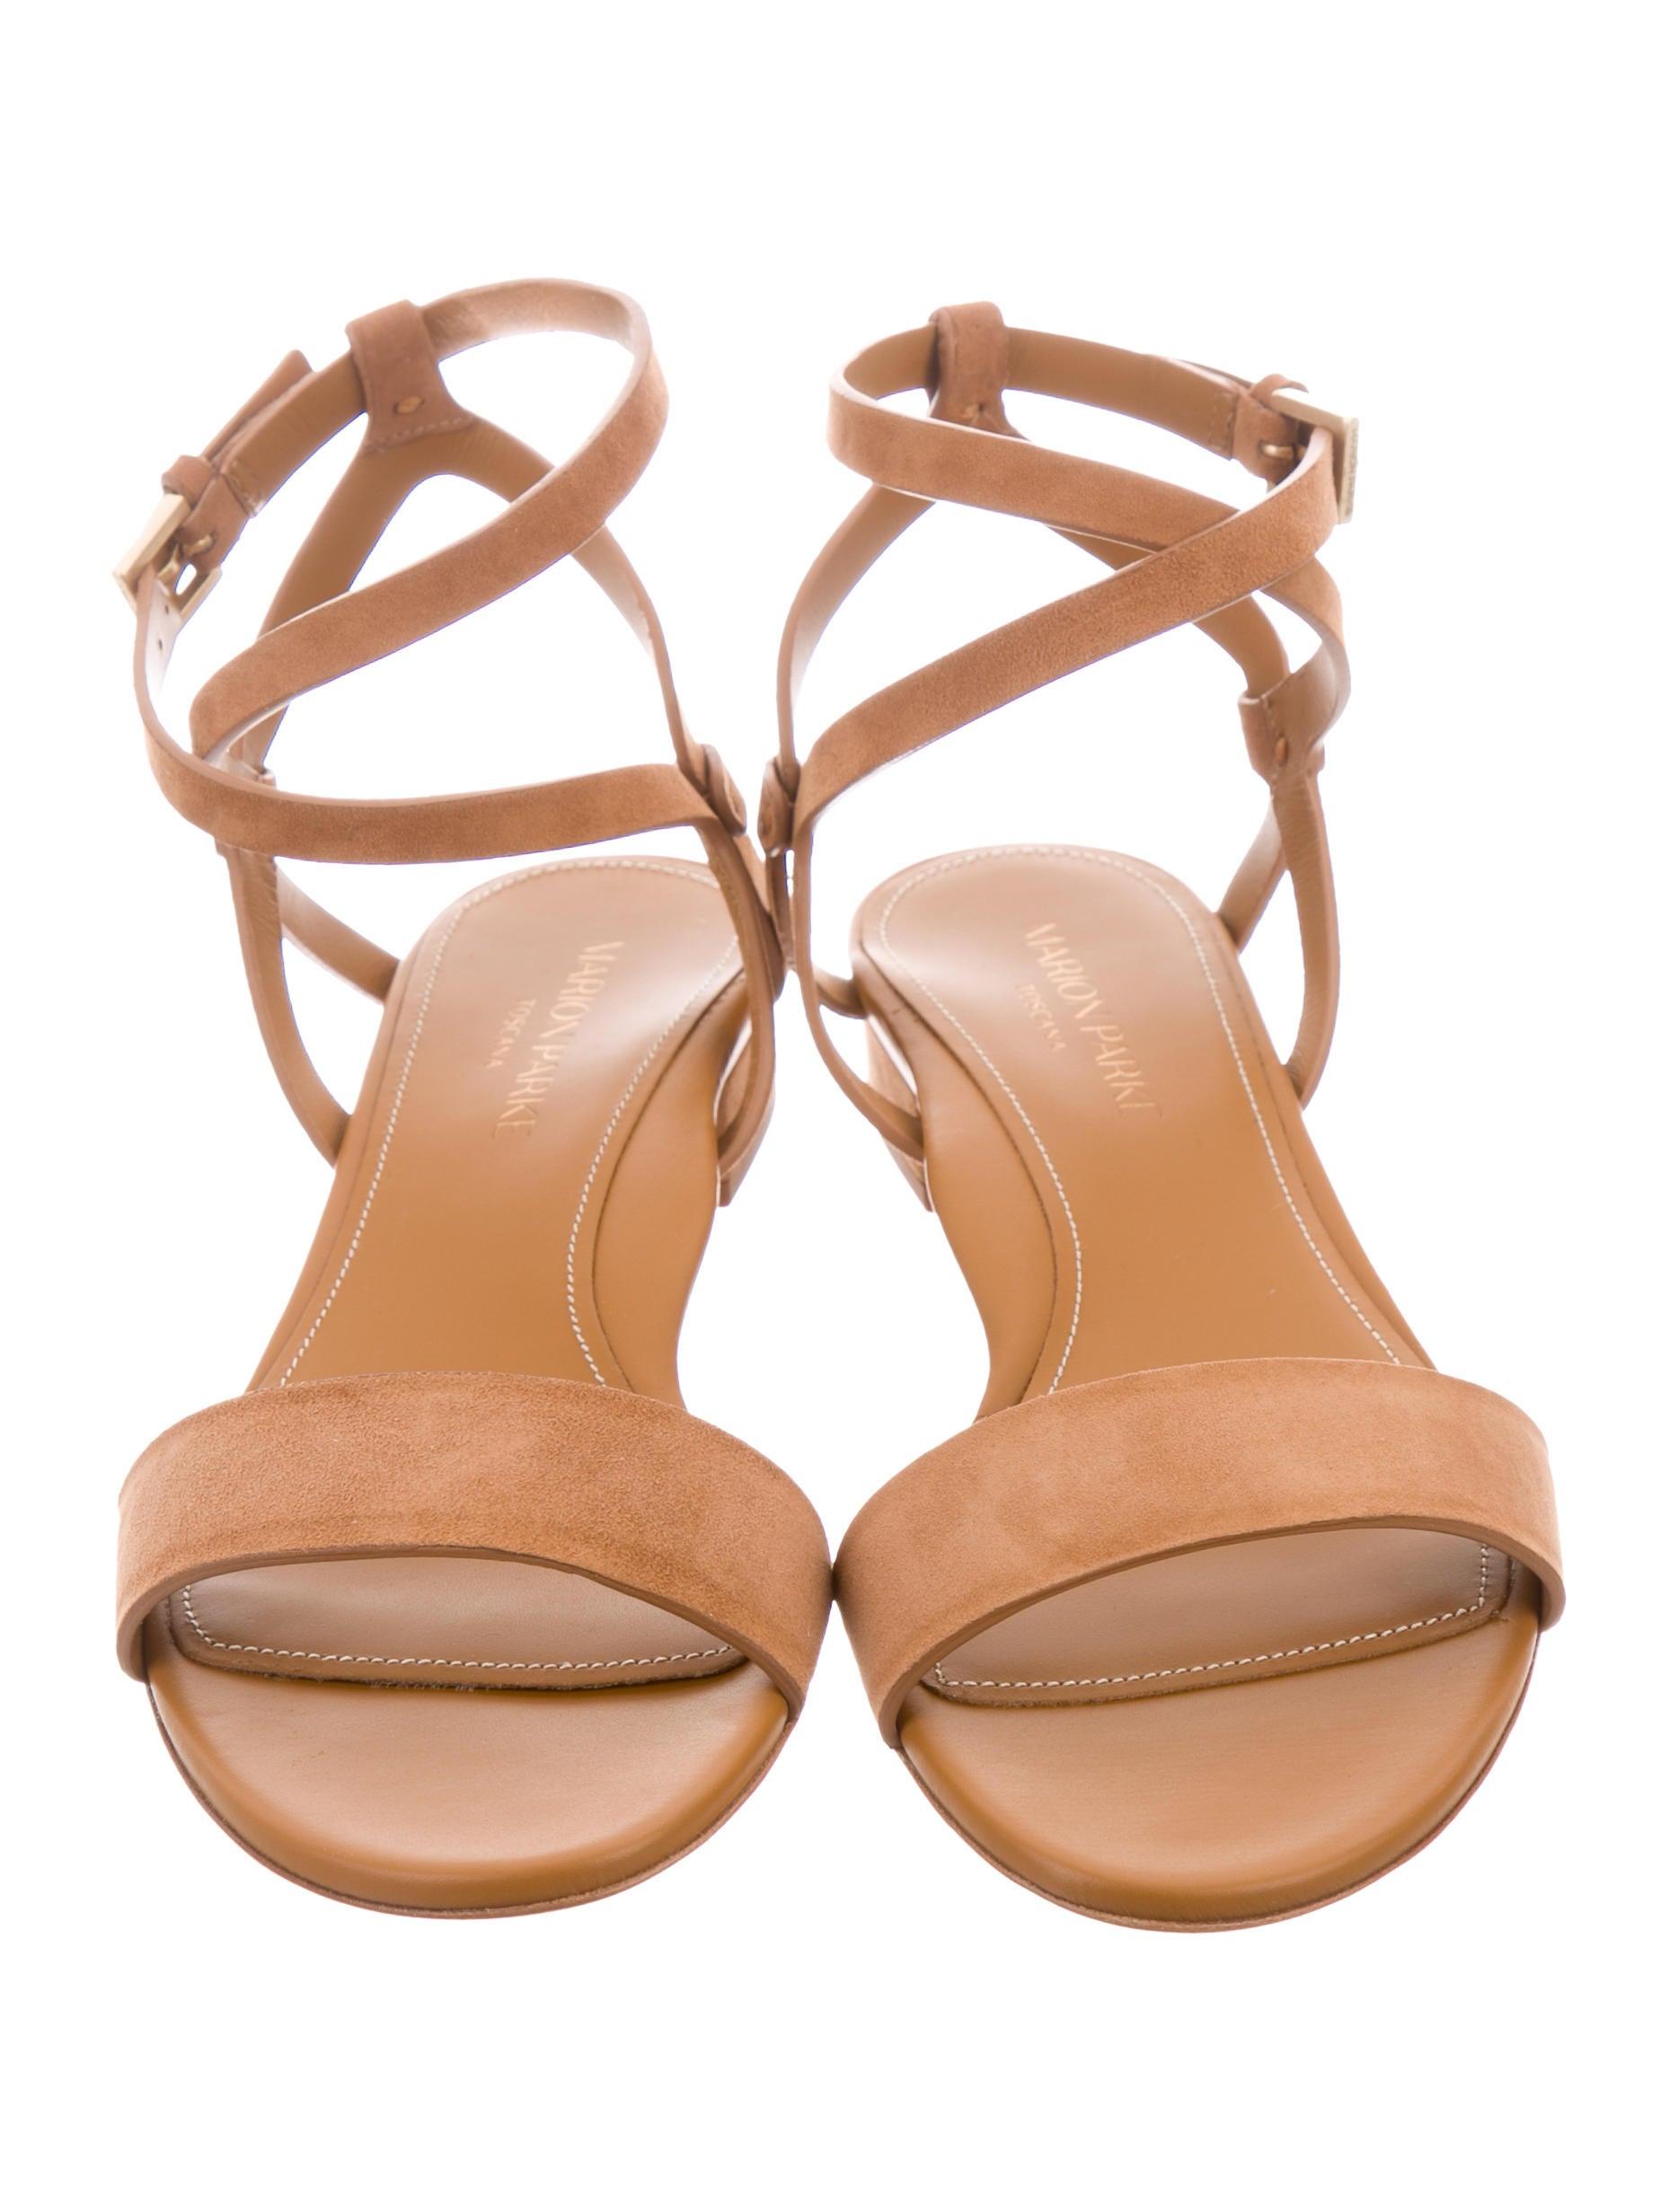 Marion Parke Josie Multistrap Sandals sale sneakernews sale sale online best Wy6TSJqPj